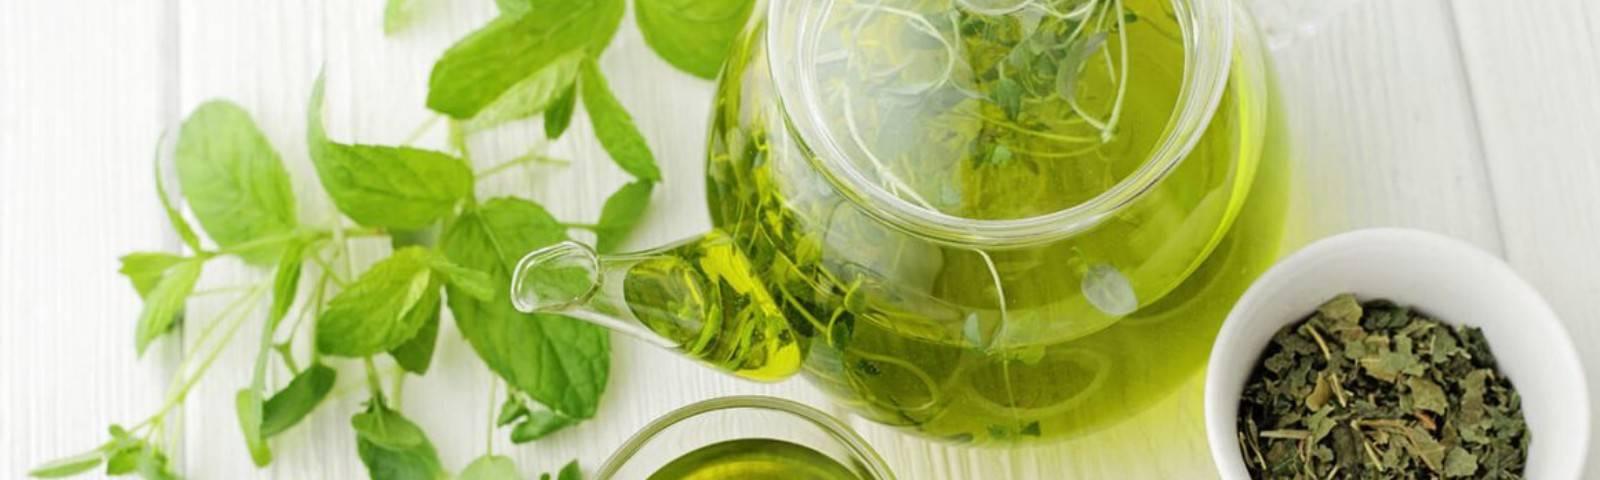 Зеленый чай: польза и вред для организма человека | пища это лекарство